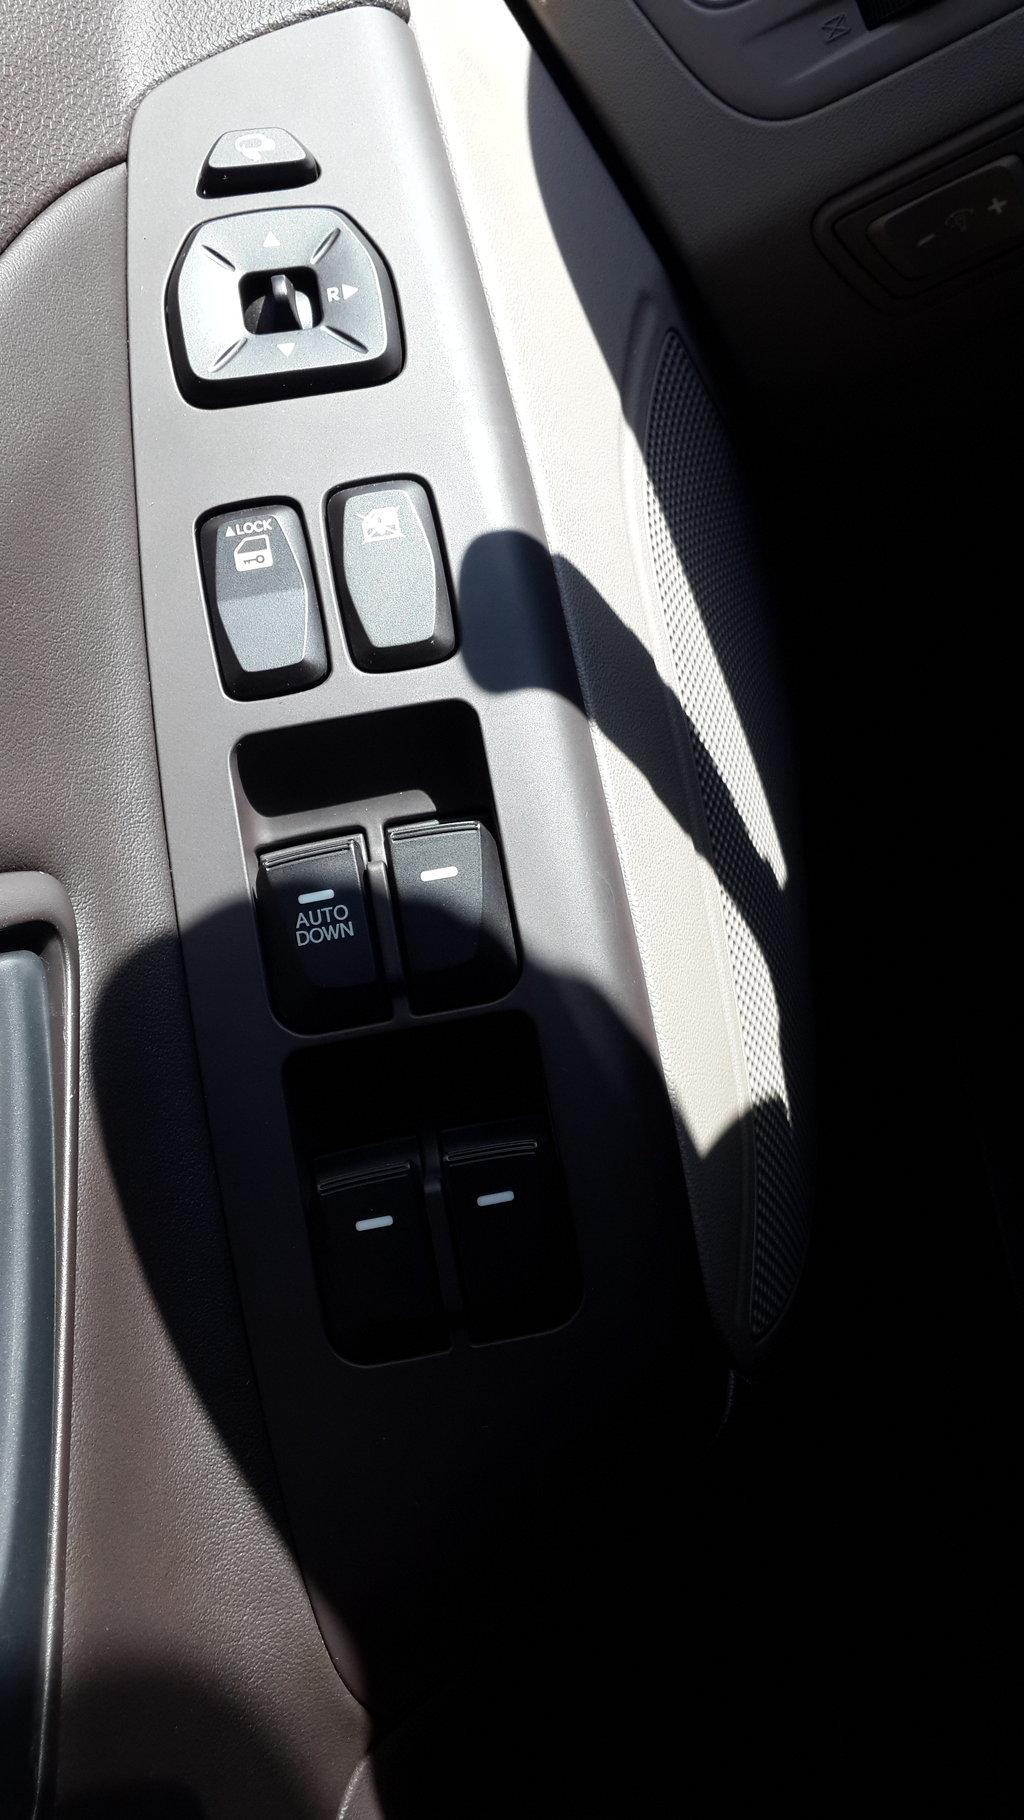 почему-то стеклоподъемники не автоматические. только водительское автоматическое вниз. странно очень - что мешает их всех сделать авто? зададим риторический вопрос. в общем, привык, дискомфорт не вызывает